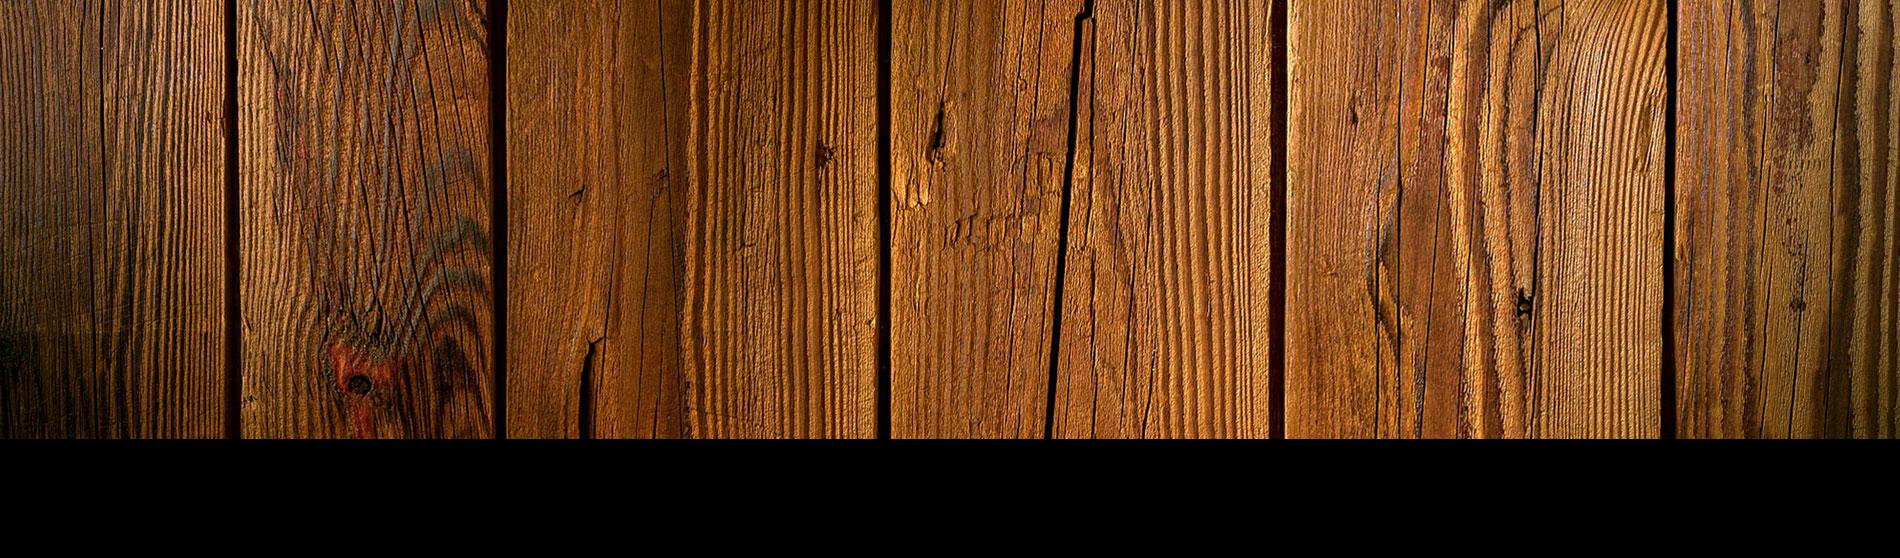 drvena podloga